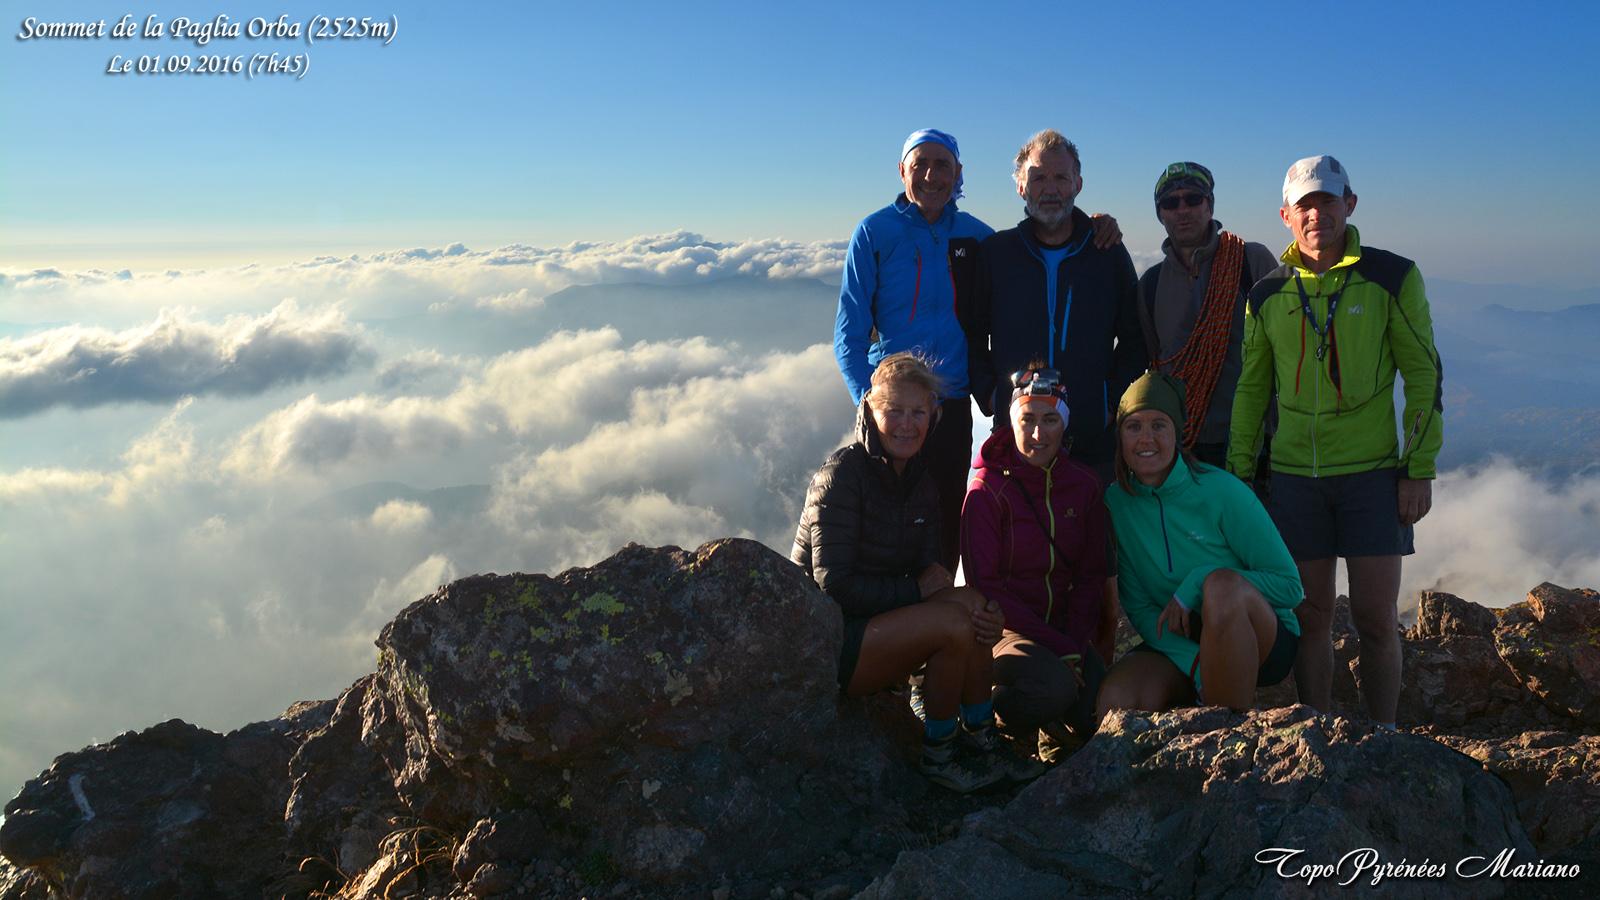 Randonnée Paglia Orba (2525m) GR20 Corse